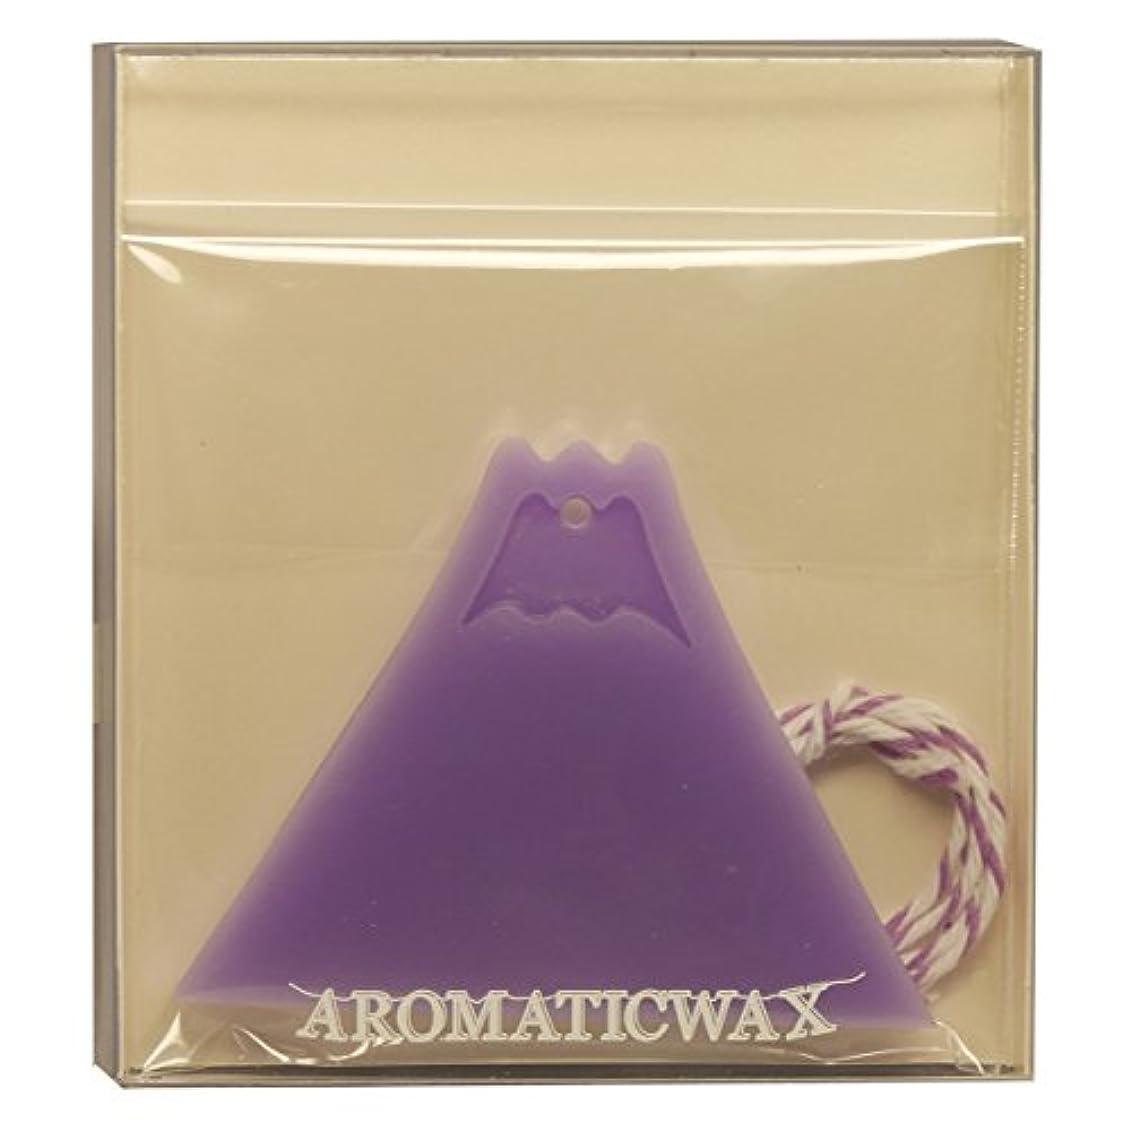 議題昇る枯渇するGRASSE TOKYO AROMATICWAXチャーム「富士山」(PU) ラベンダー アロマティックワックス グラーストウキョウ